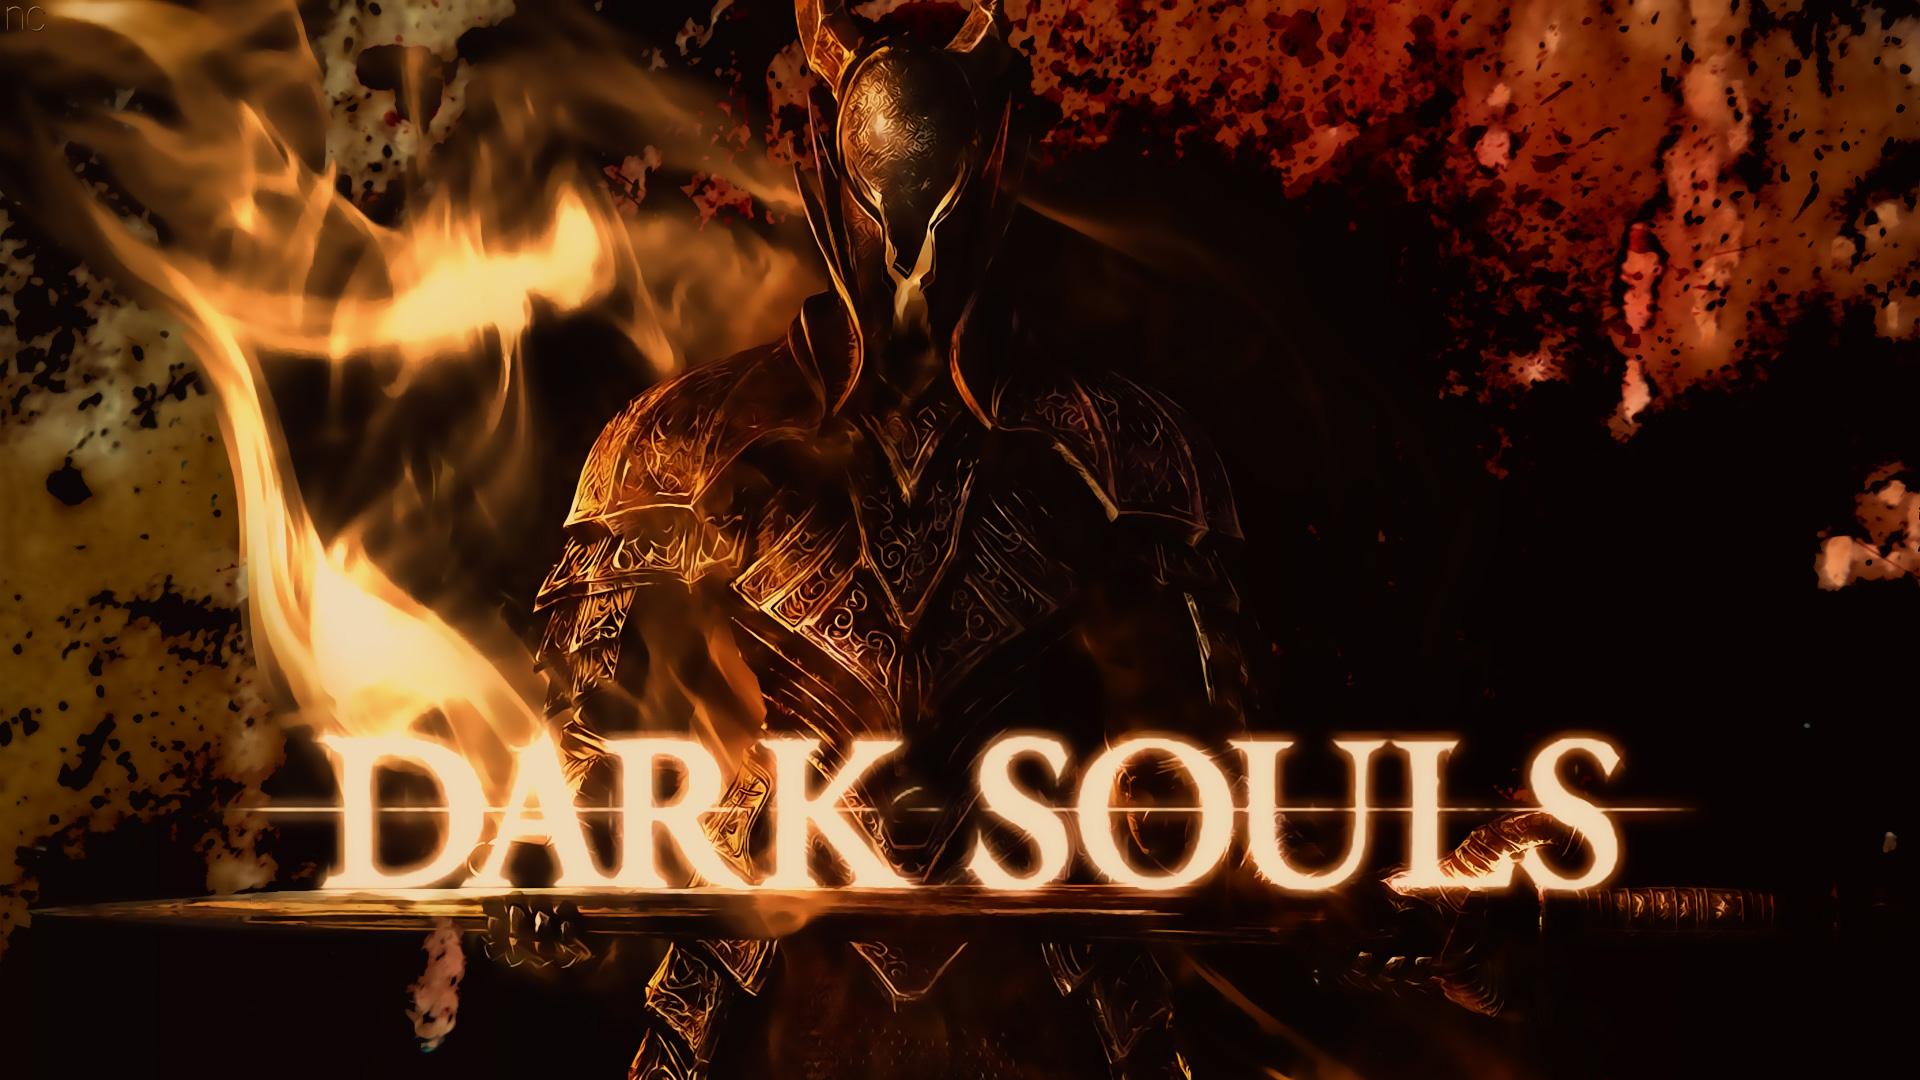 Dark Souls Wallpapers in HD 1920x1080